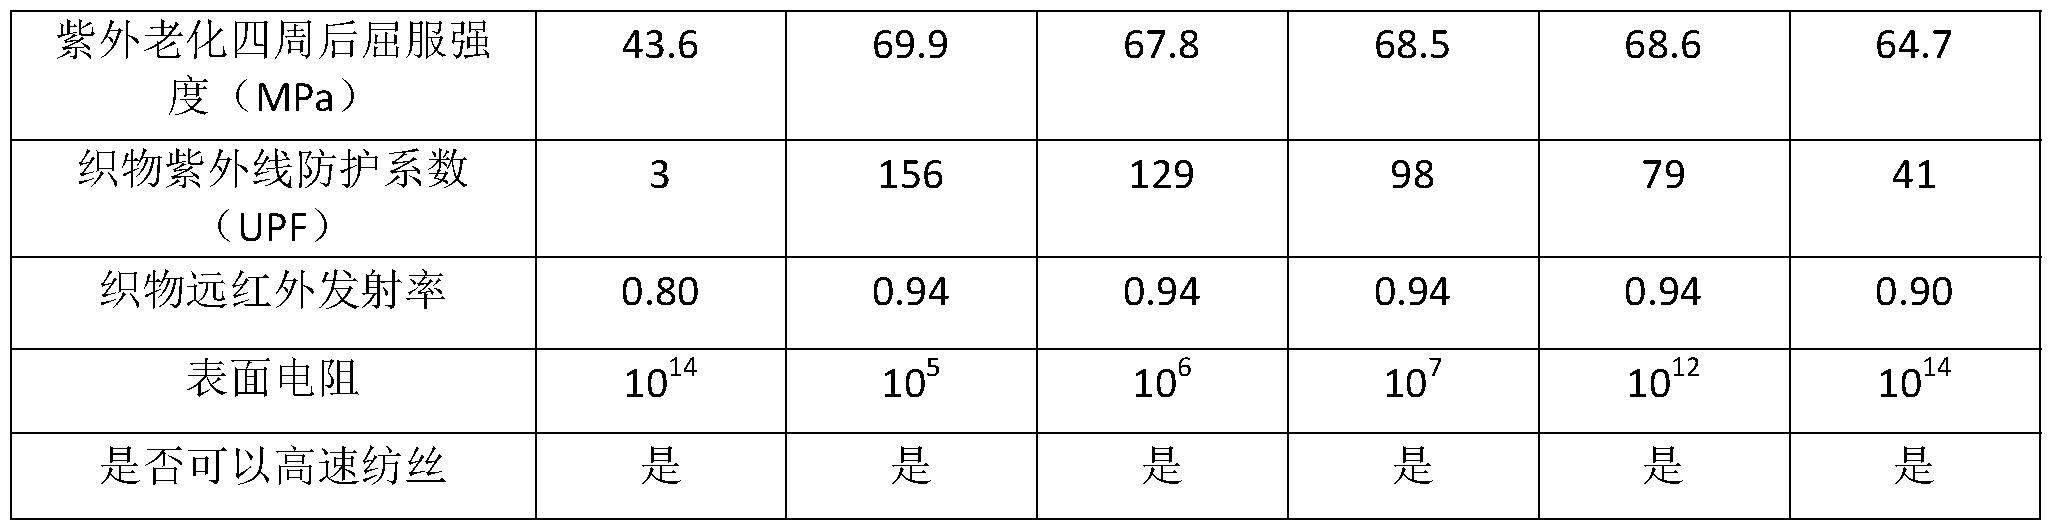 Figure PCTCN2018077169-appb-000014